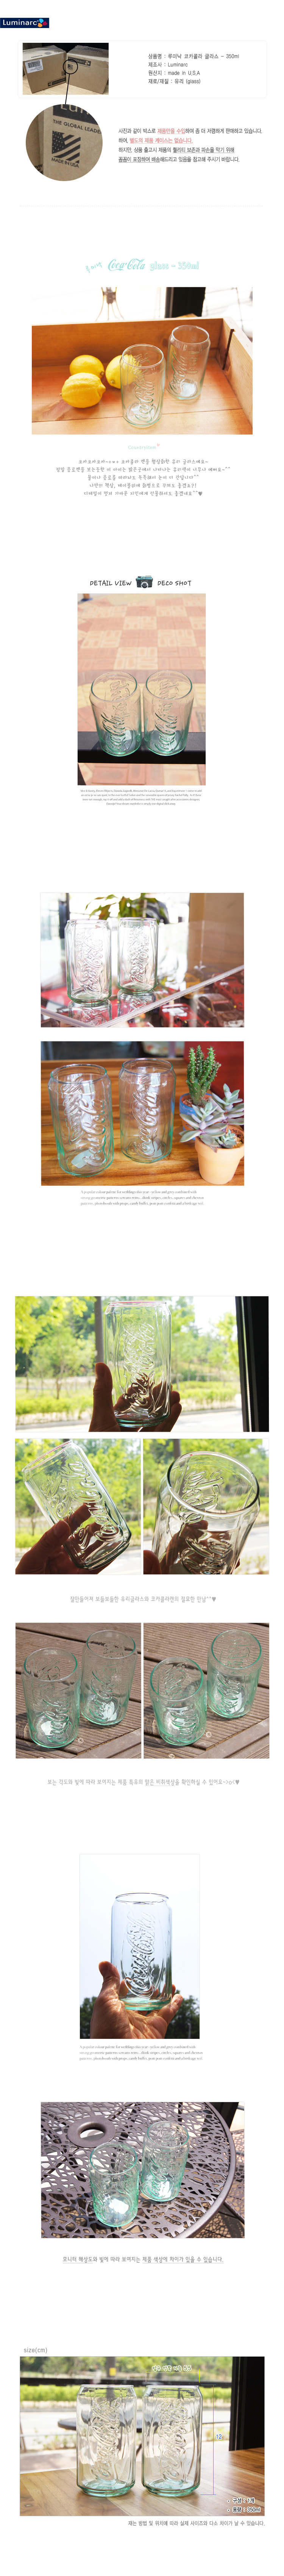 루미낙 CocaCola glass - 350ml - 컨츄리아이템, 8,900원, 유리컵/술잔, 유리컵